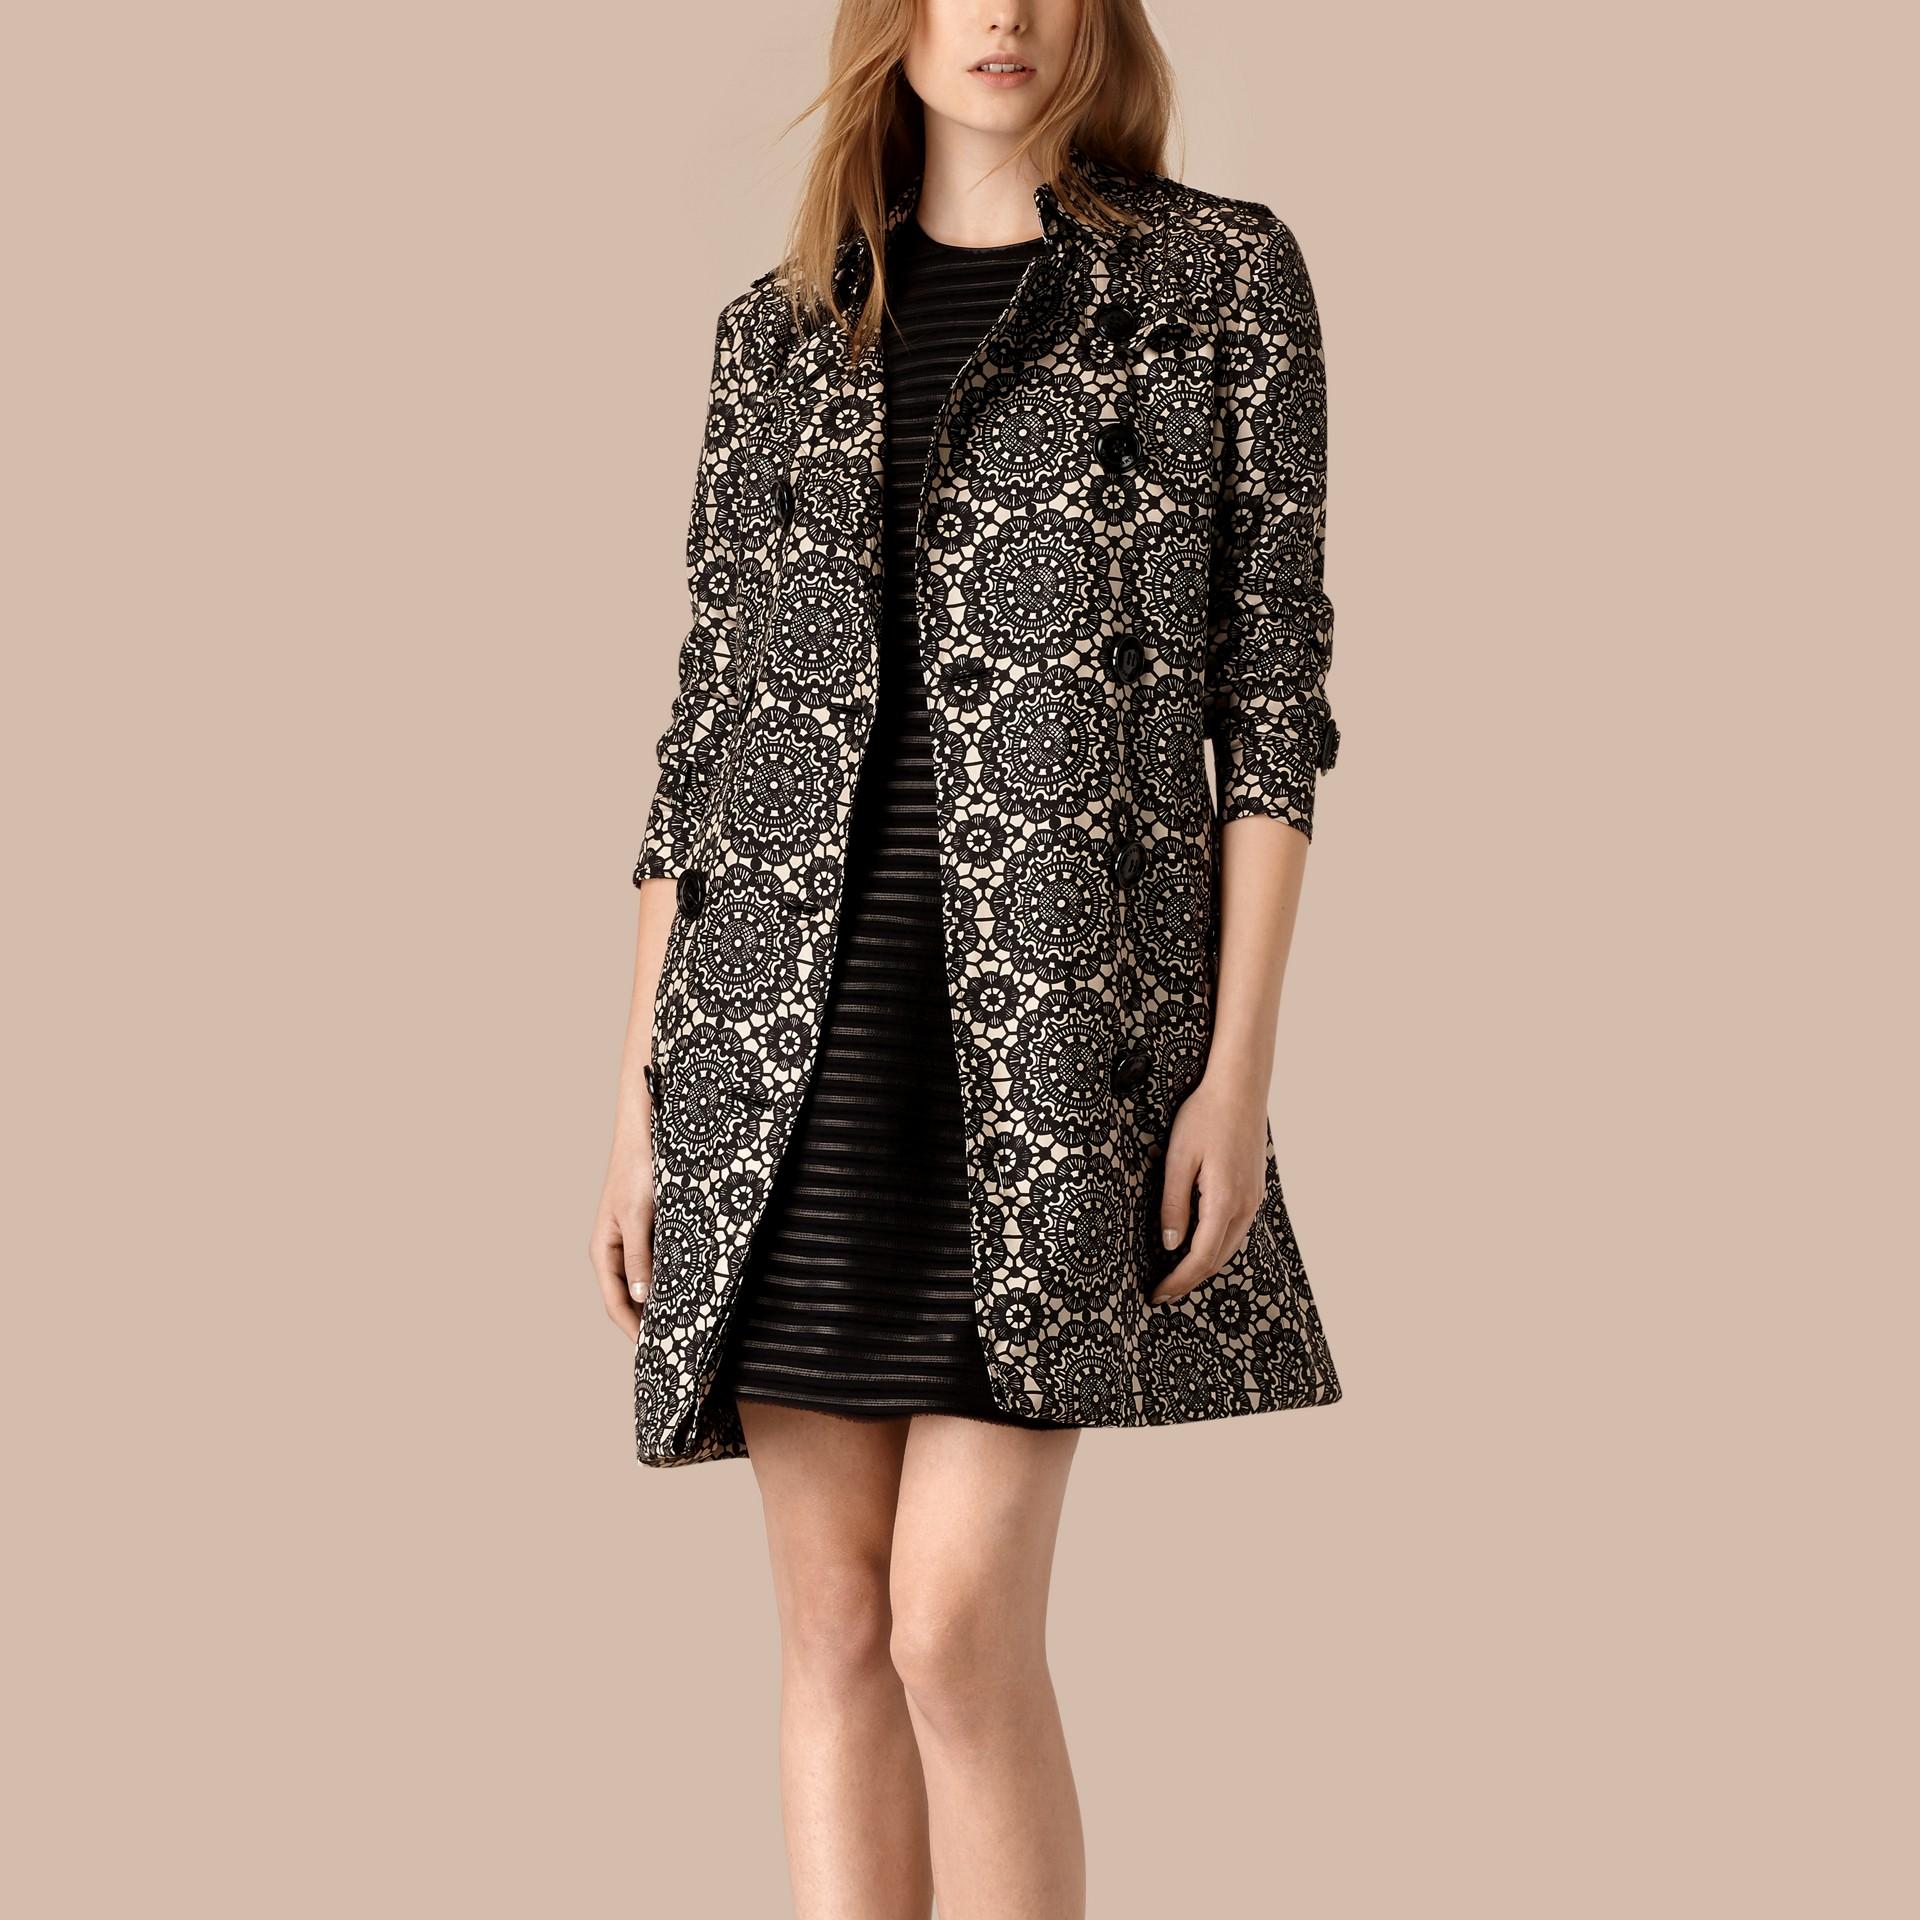 Areia/preto Trench coat de seda sem forro com estampa de renda - galeria de imagens 3